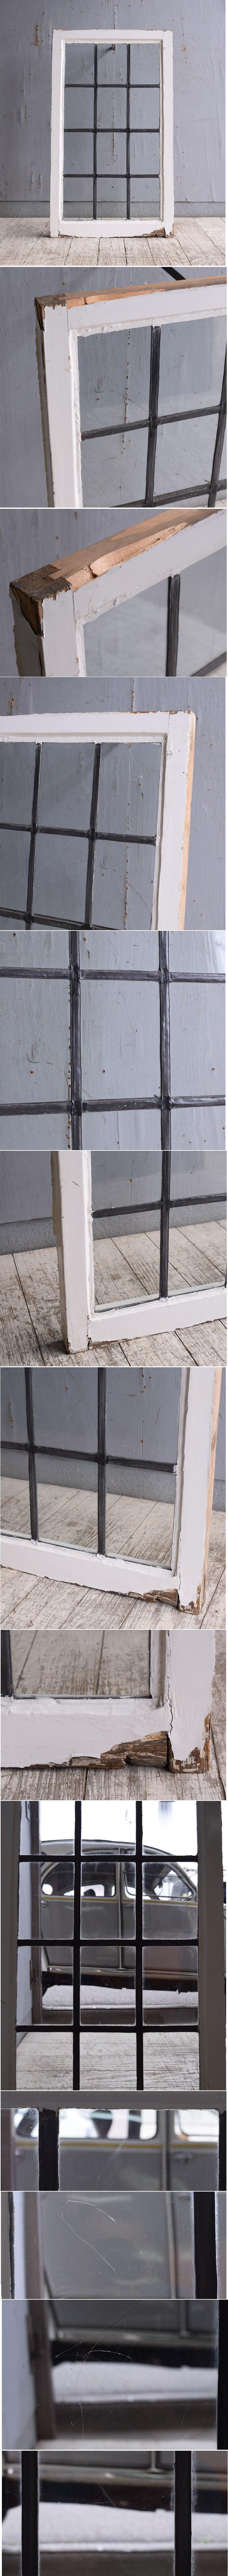 イギリス アンティーク 窓 無色透明 10179